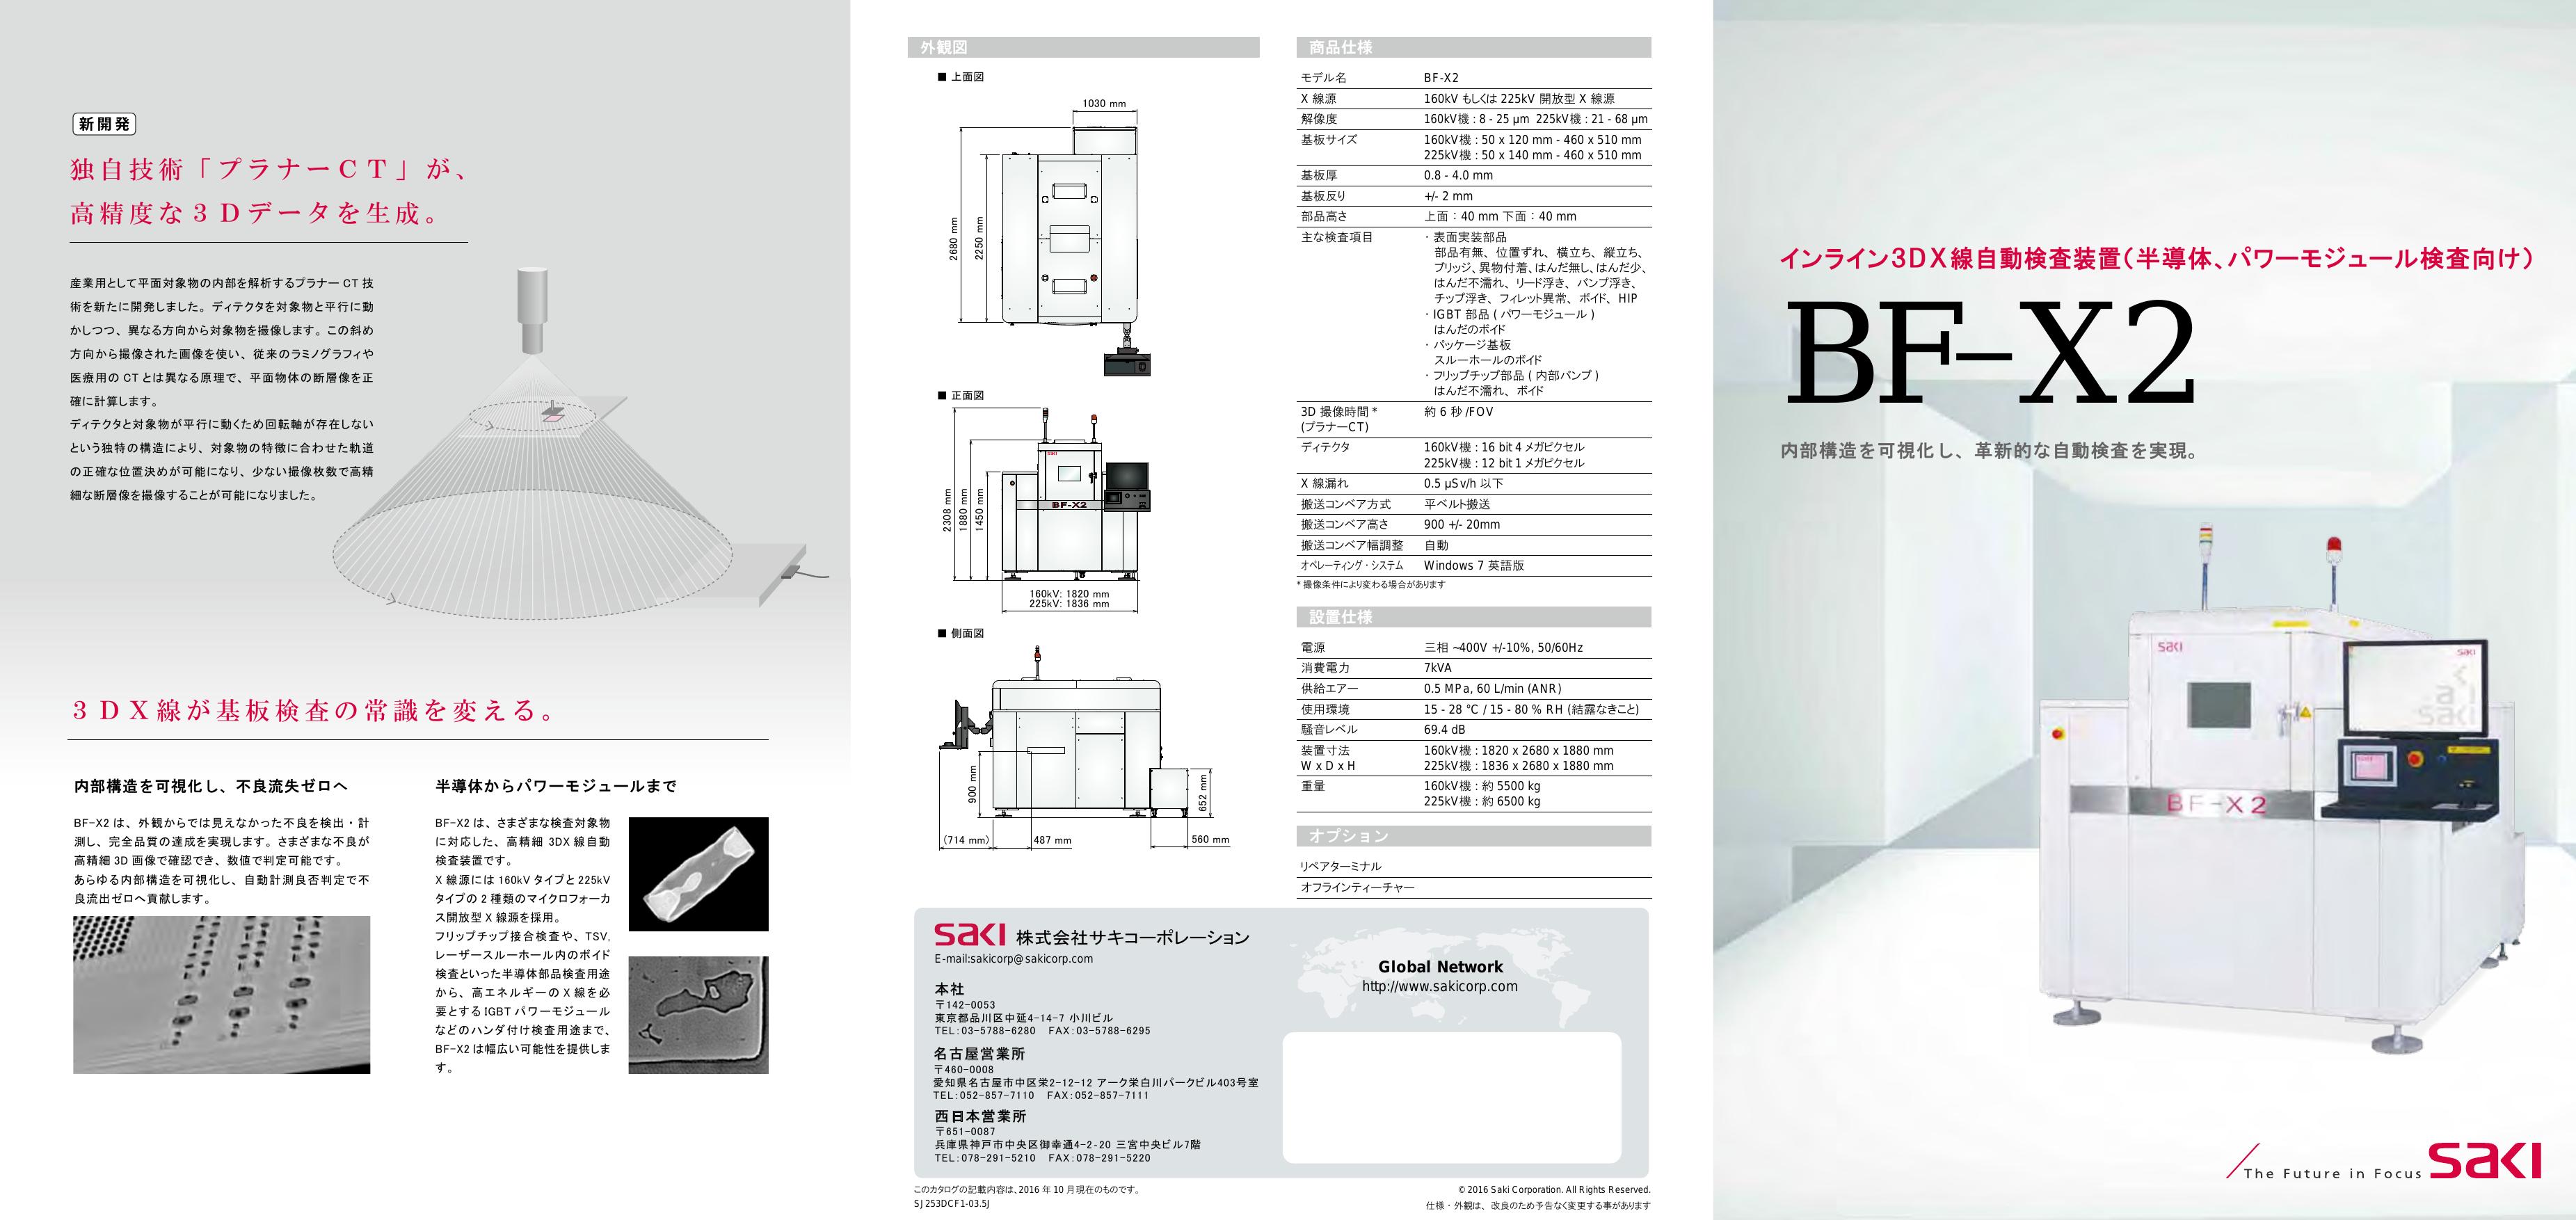 インライン3DX線自動検査装置(半導体、パワーモジュール検査向け)BF-X2